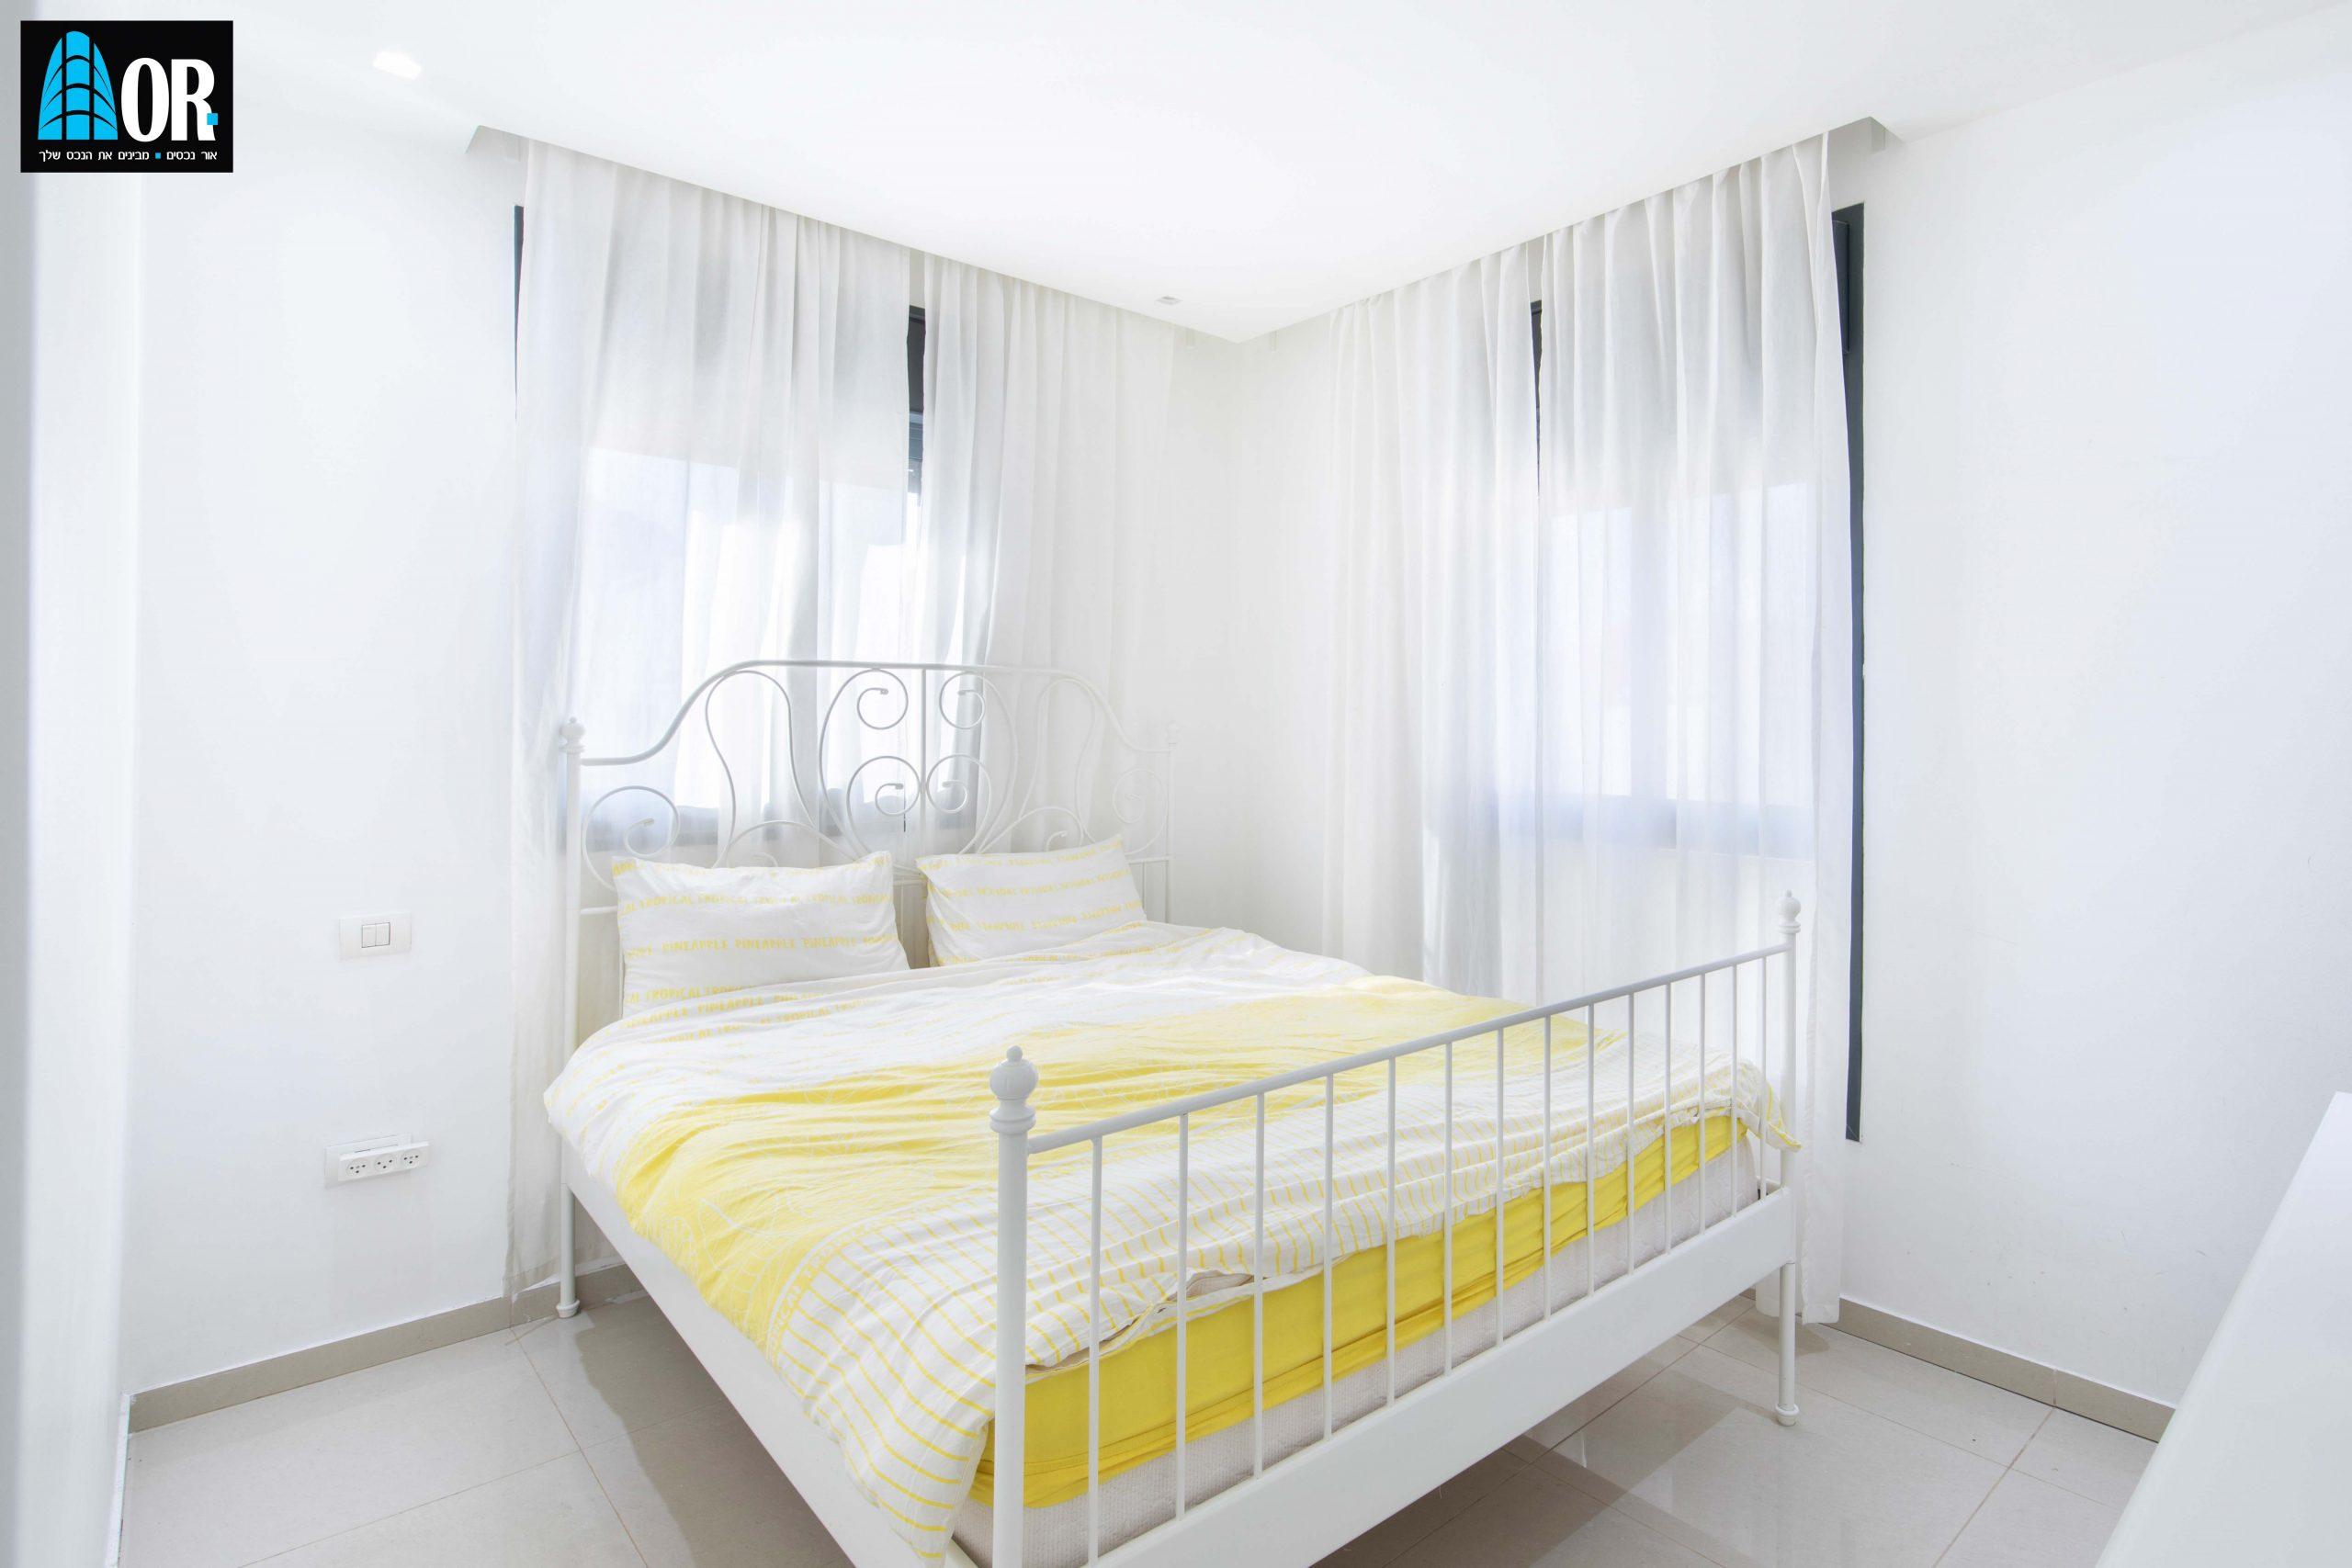 חדר הורים דופלקס 5 חדרים שכונה ליכטנשטיין